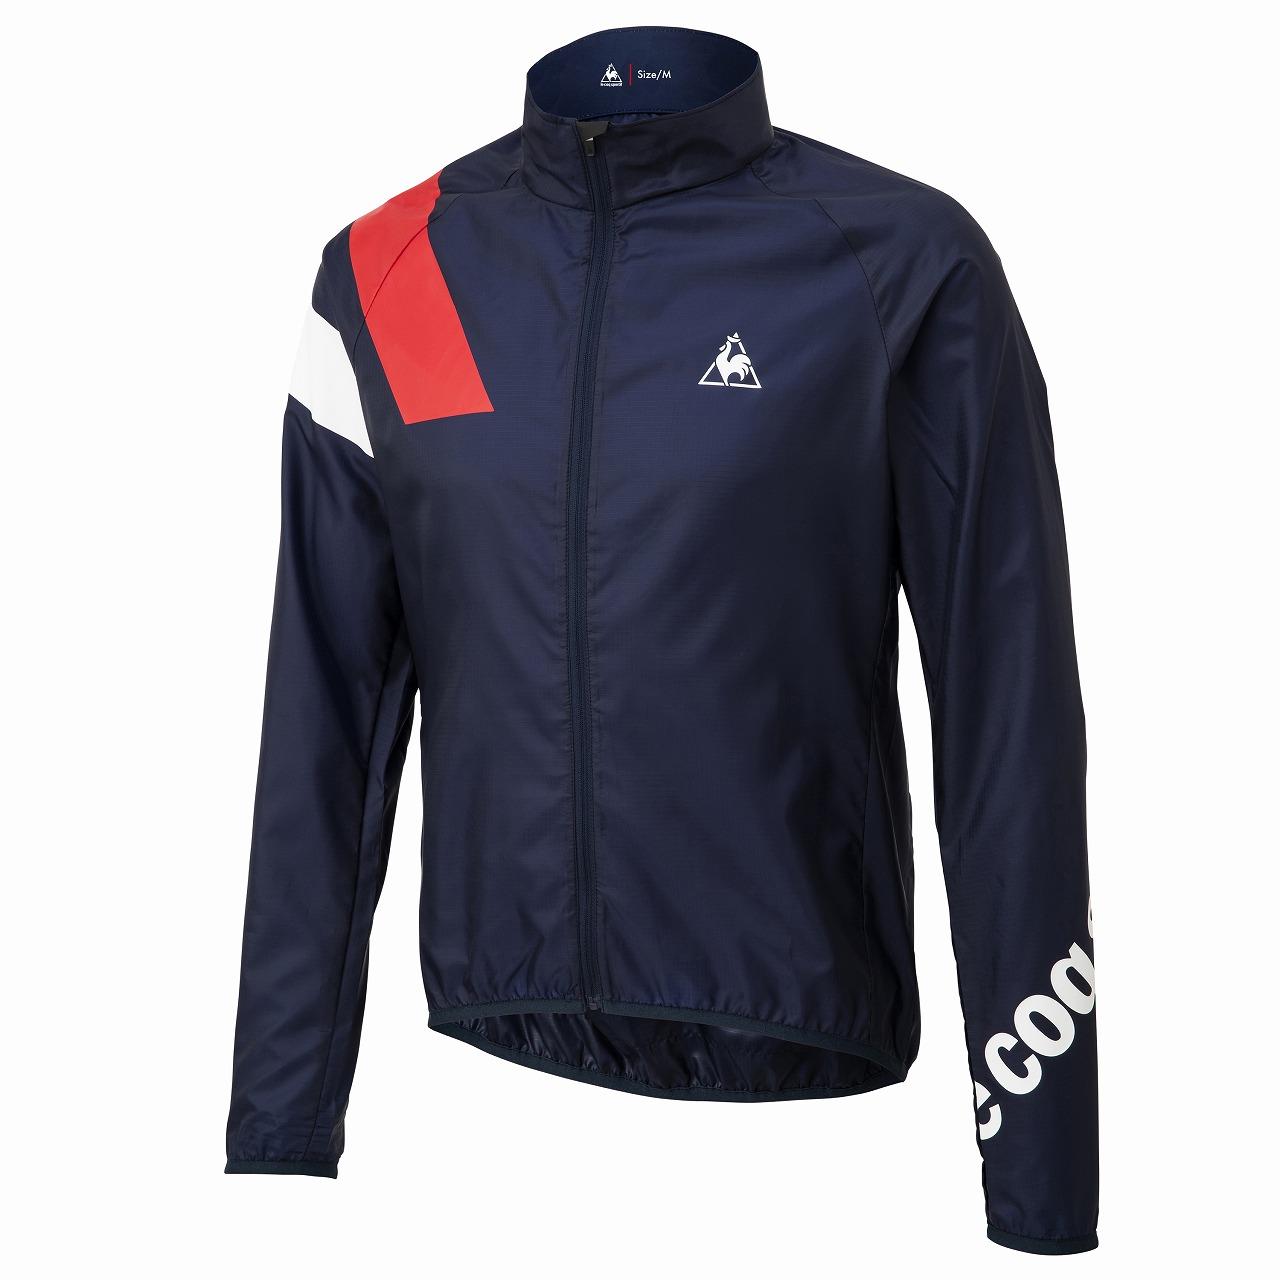 Le coq sportif ( ルコックスポルティフ ) 20SS QCMPGC21 CLEAR JACKET ジャケット ネイビー M